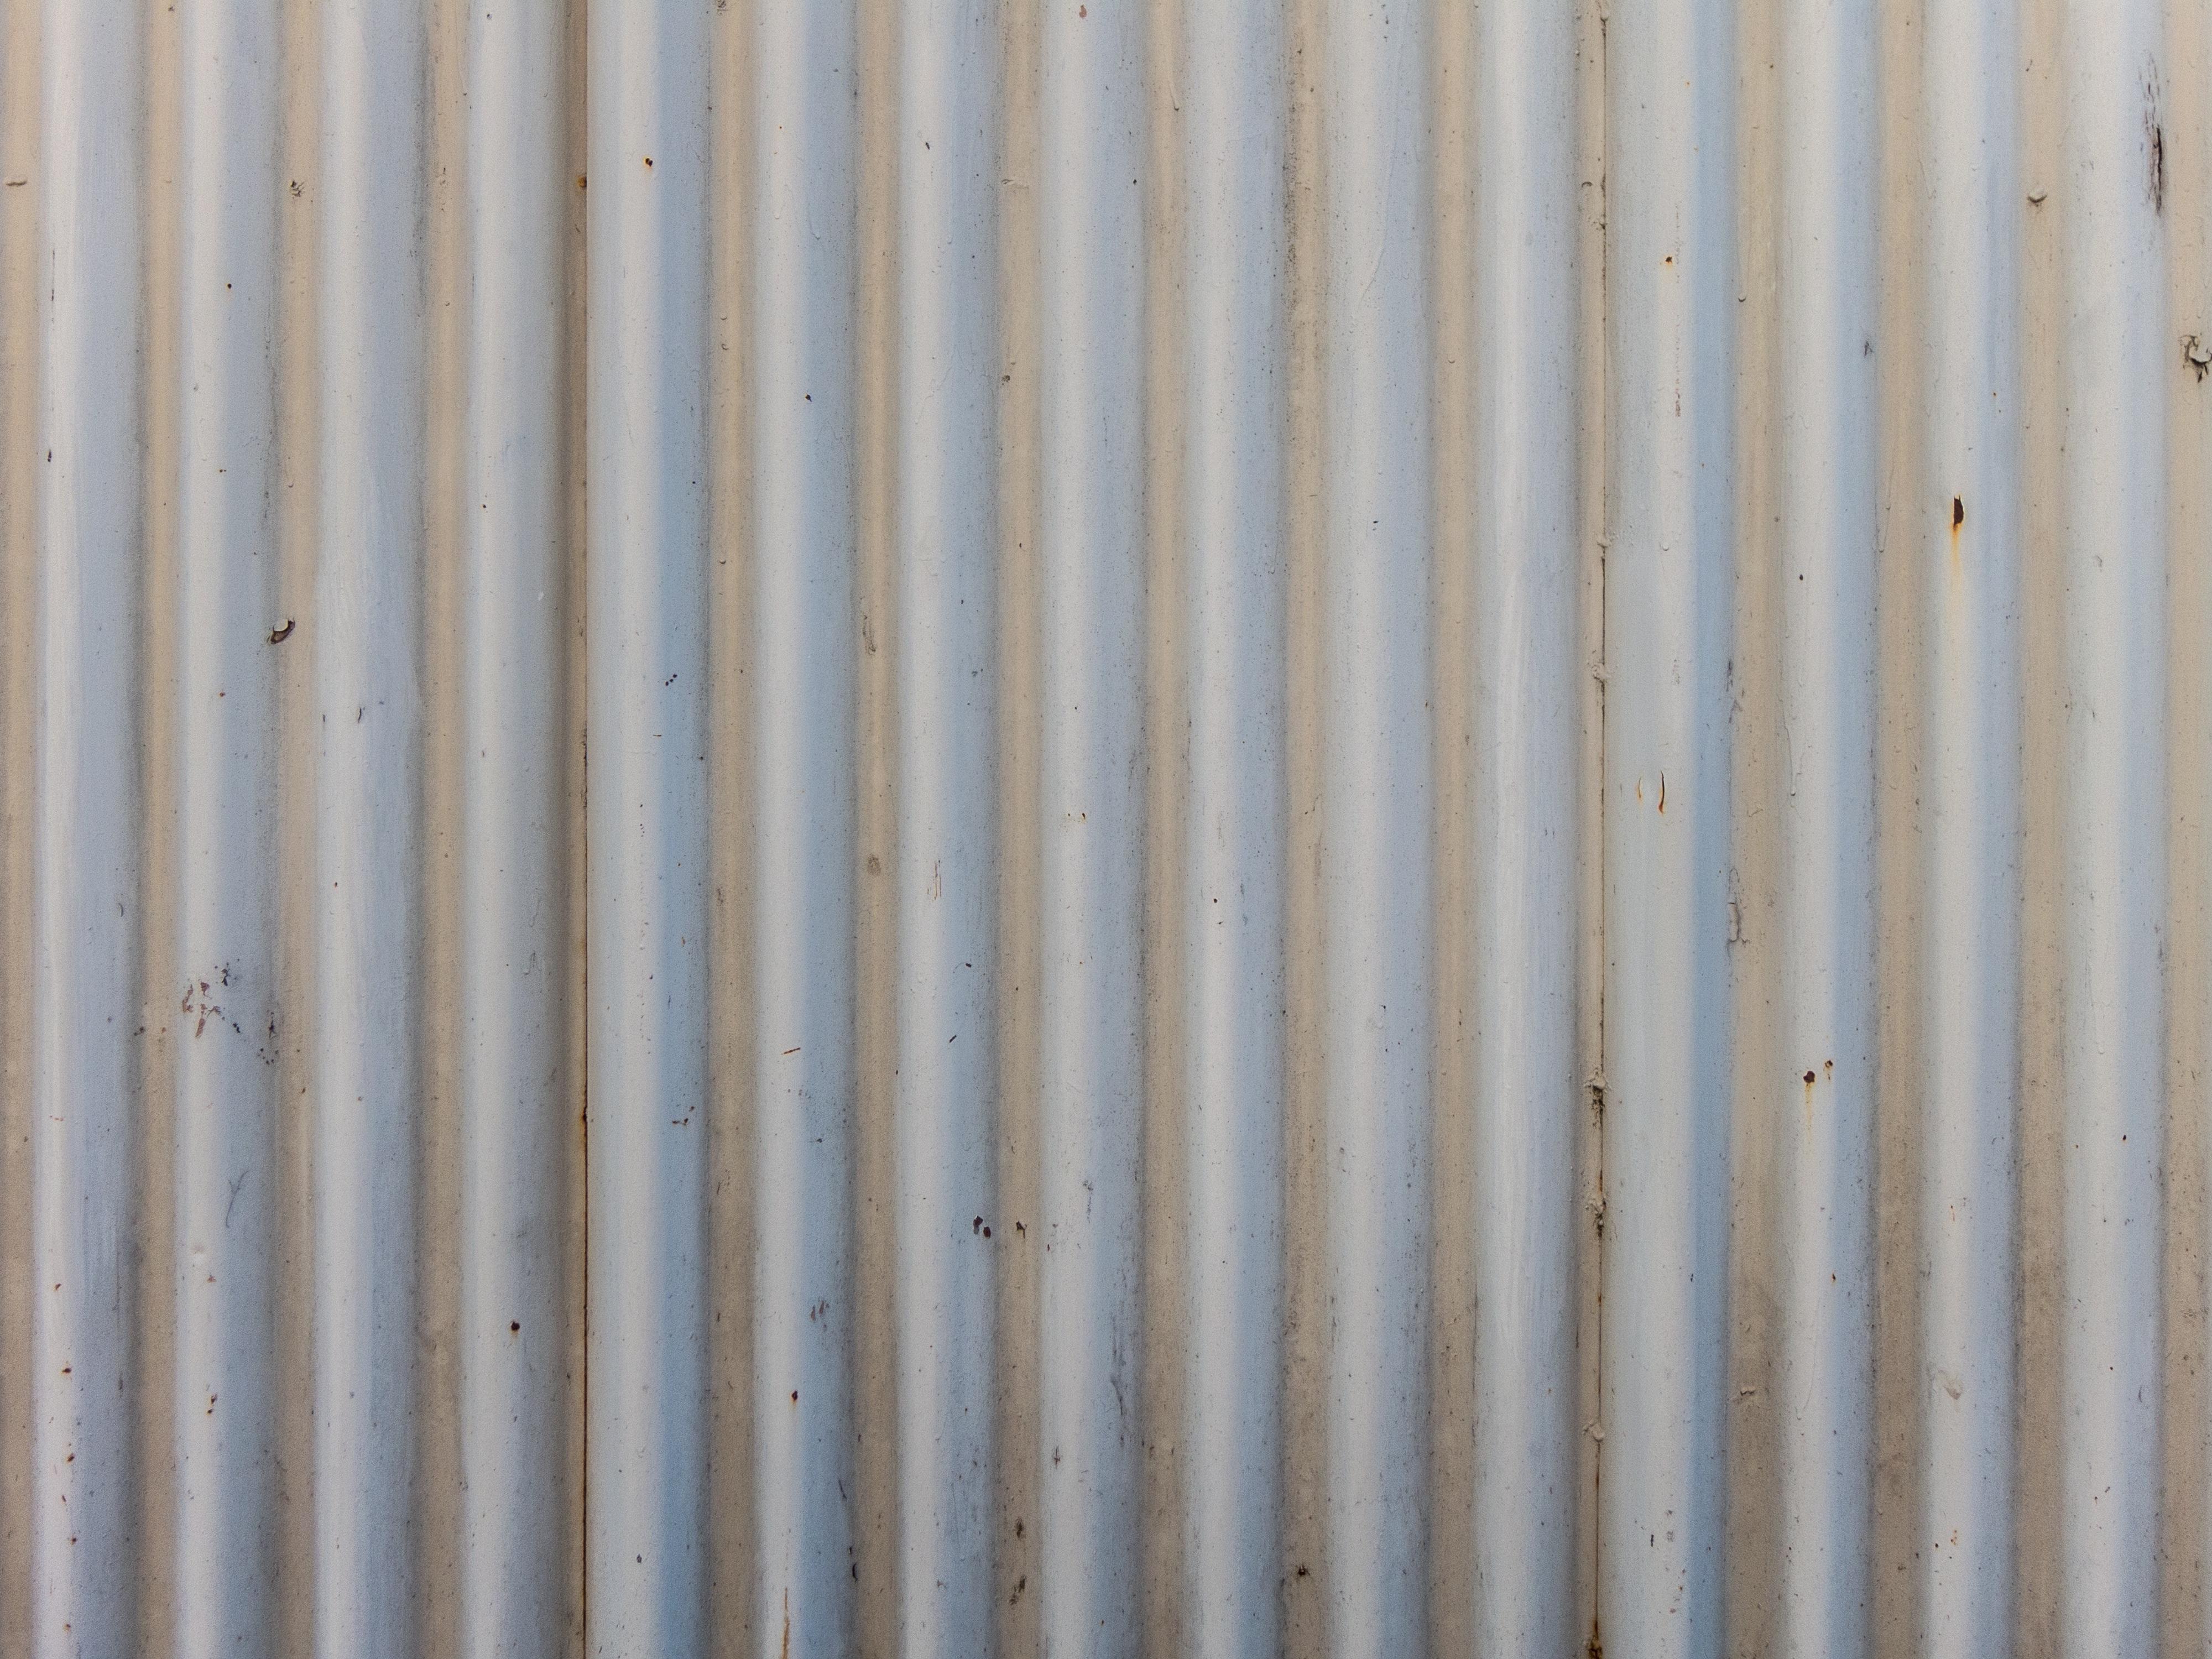 Fotos Gratis Cerca Madera Textura Piso Techo Pared